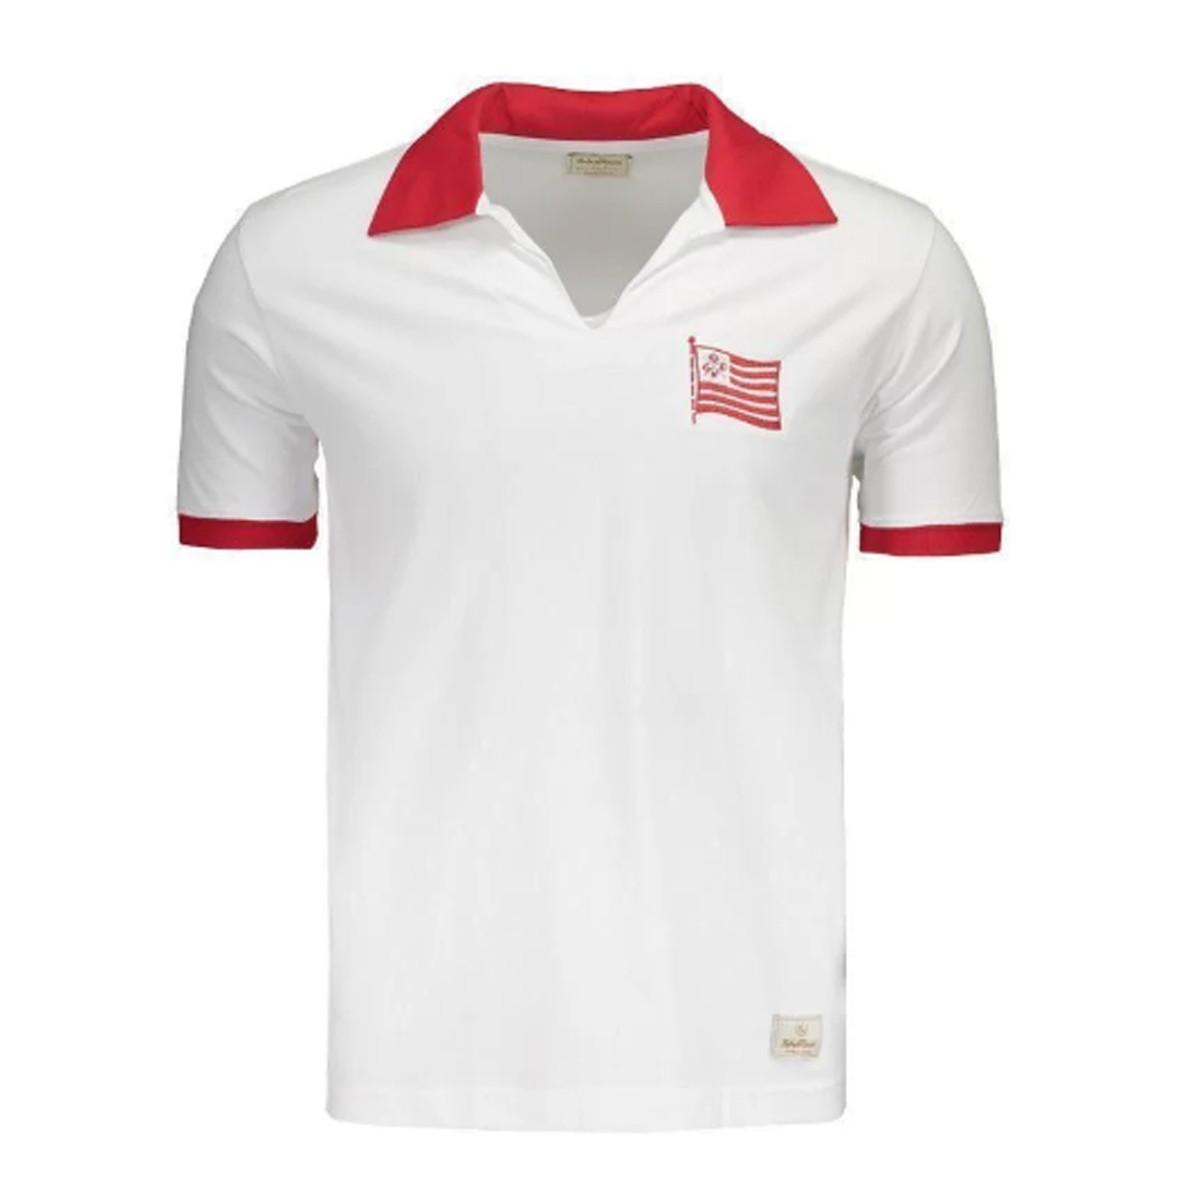 Camisa Naútico 1968 - Retrô - Branca